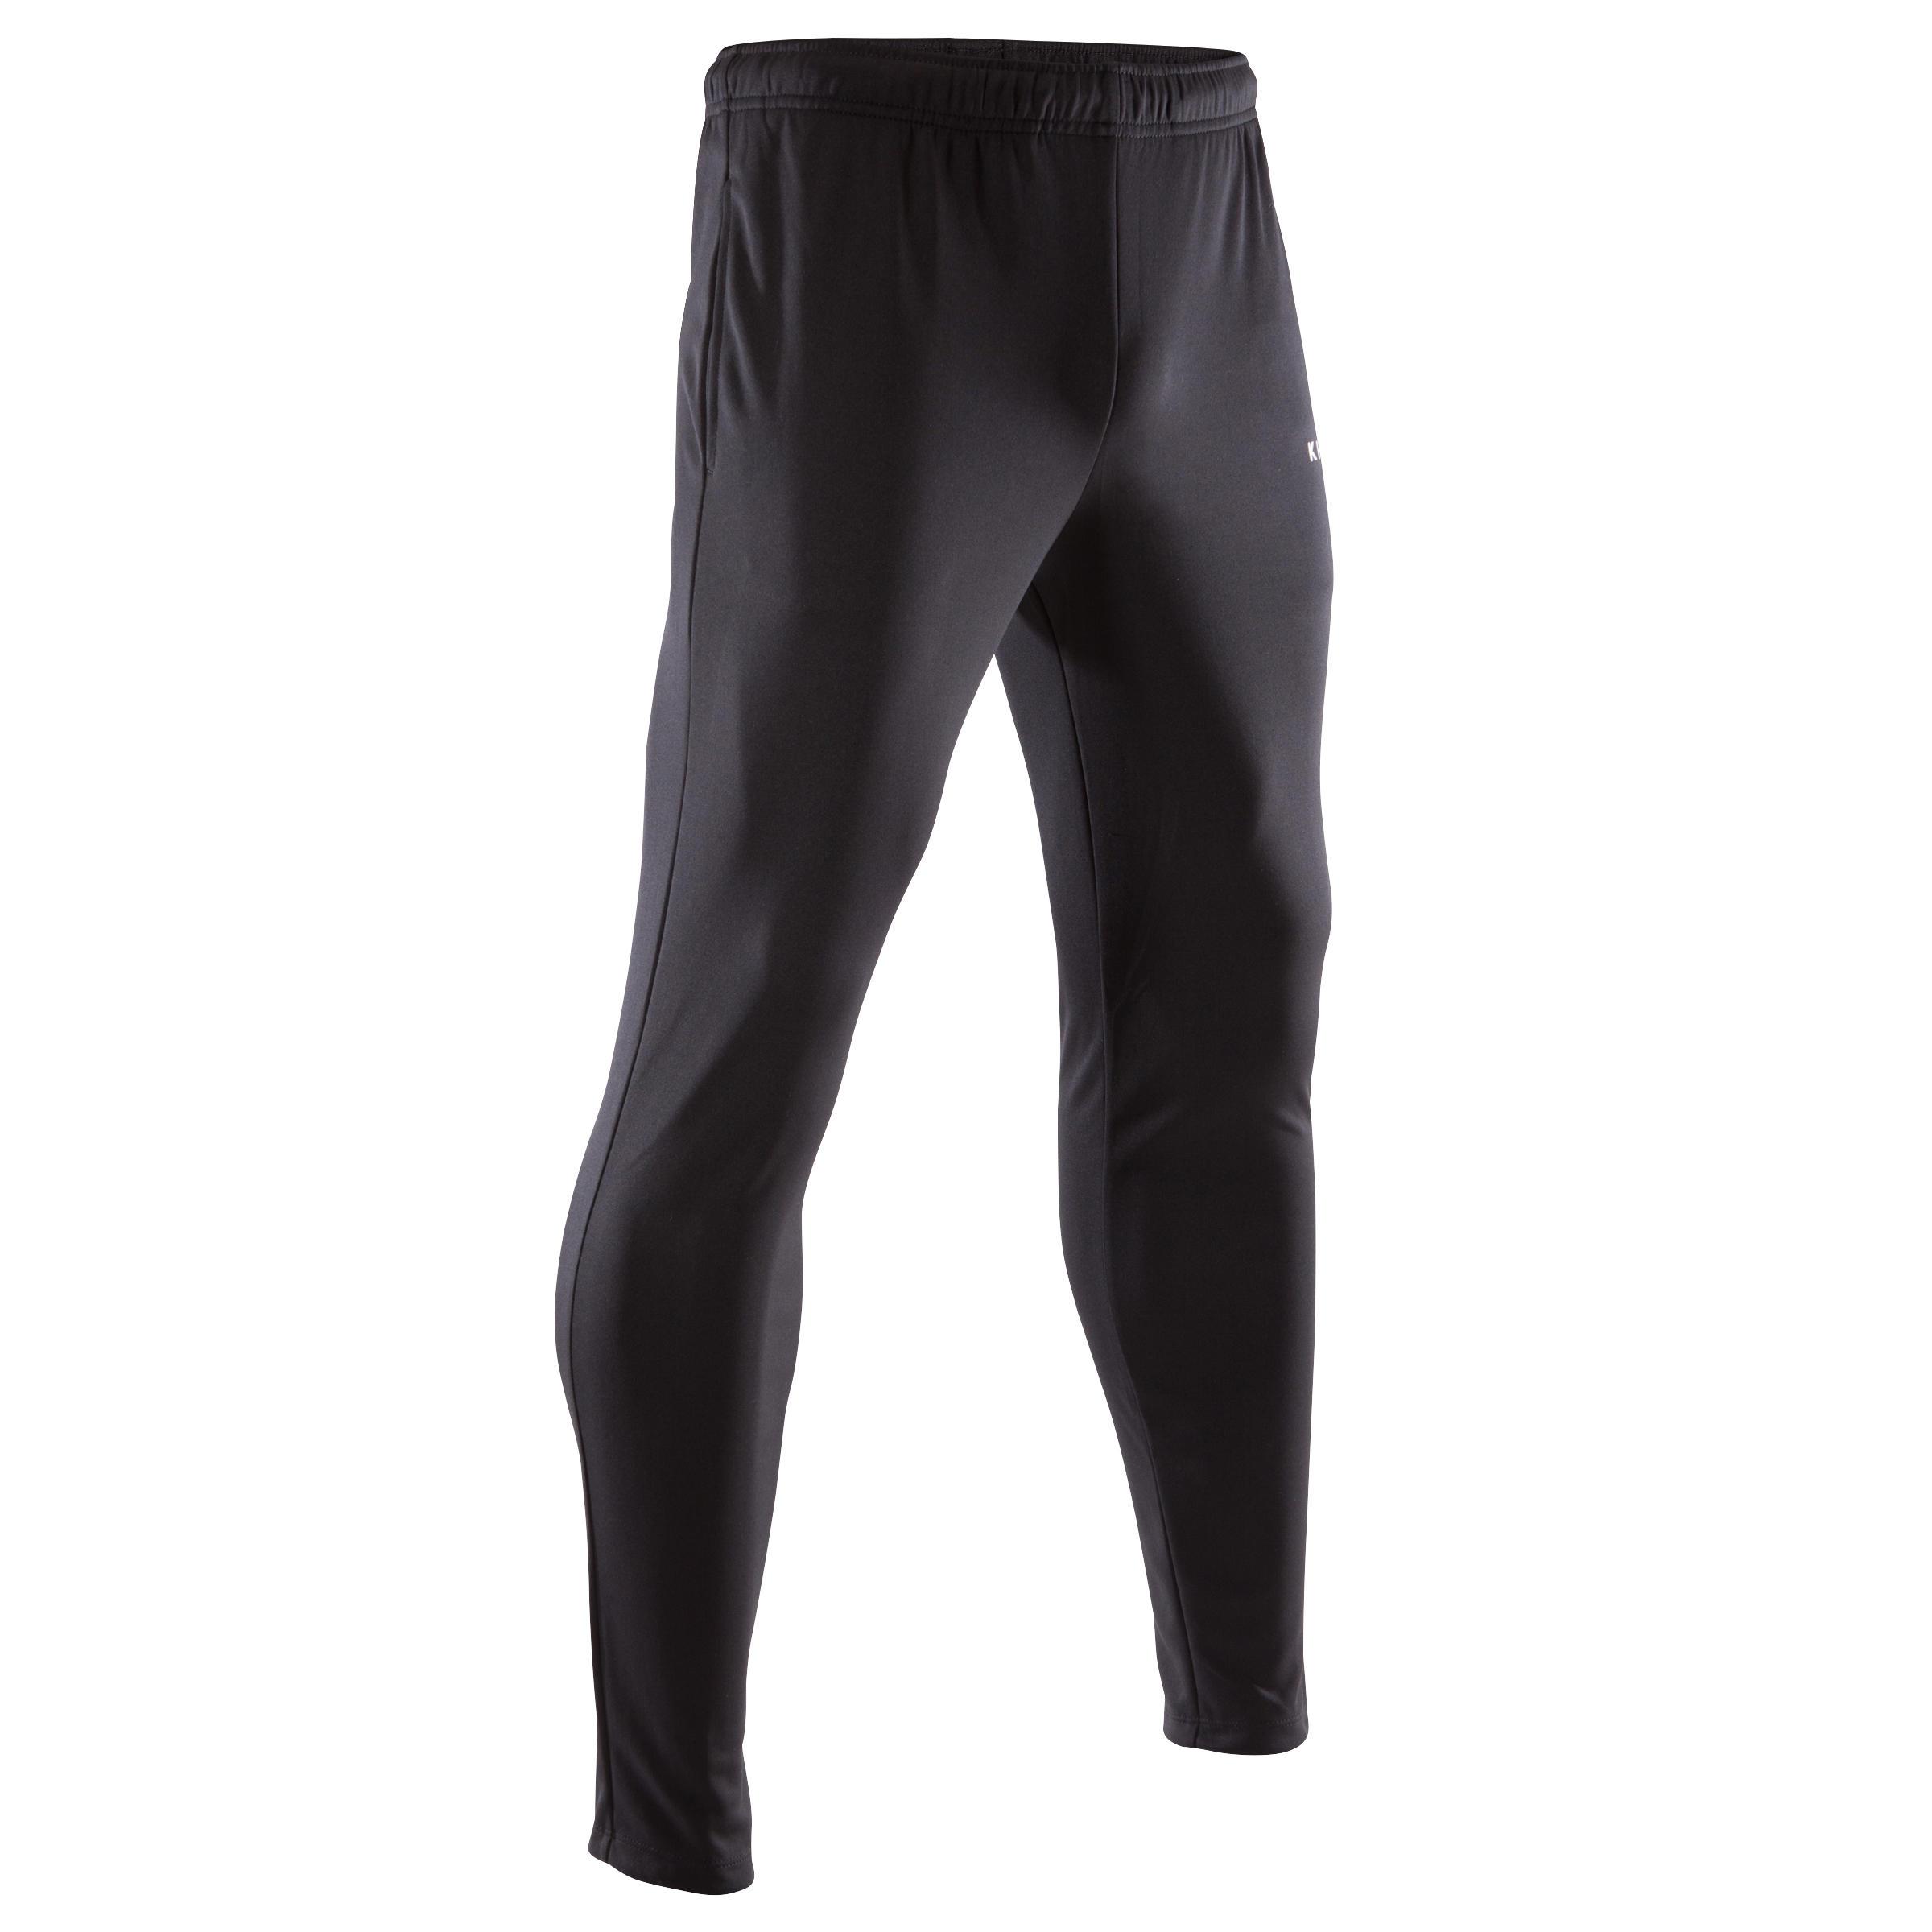 Pantalón de entrenamiento TP 100 adulto negro